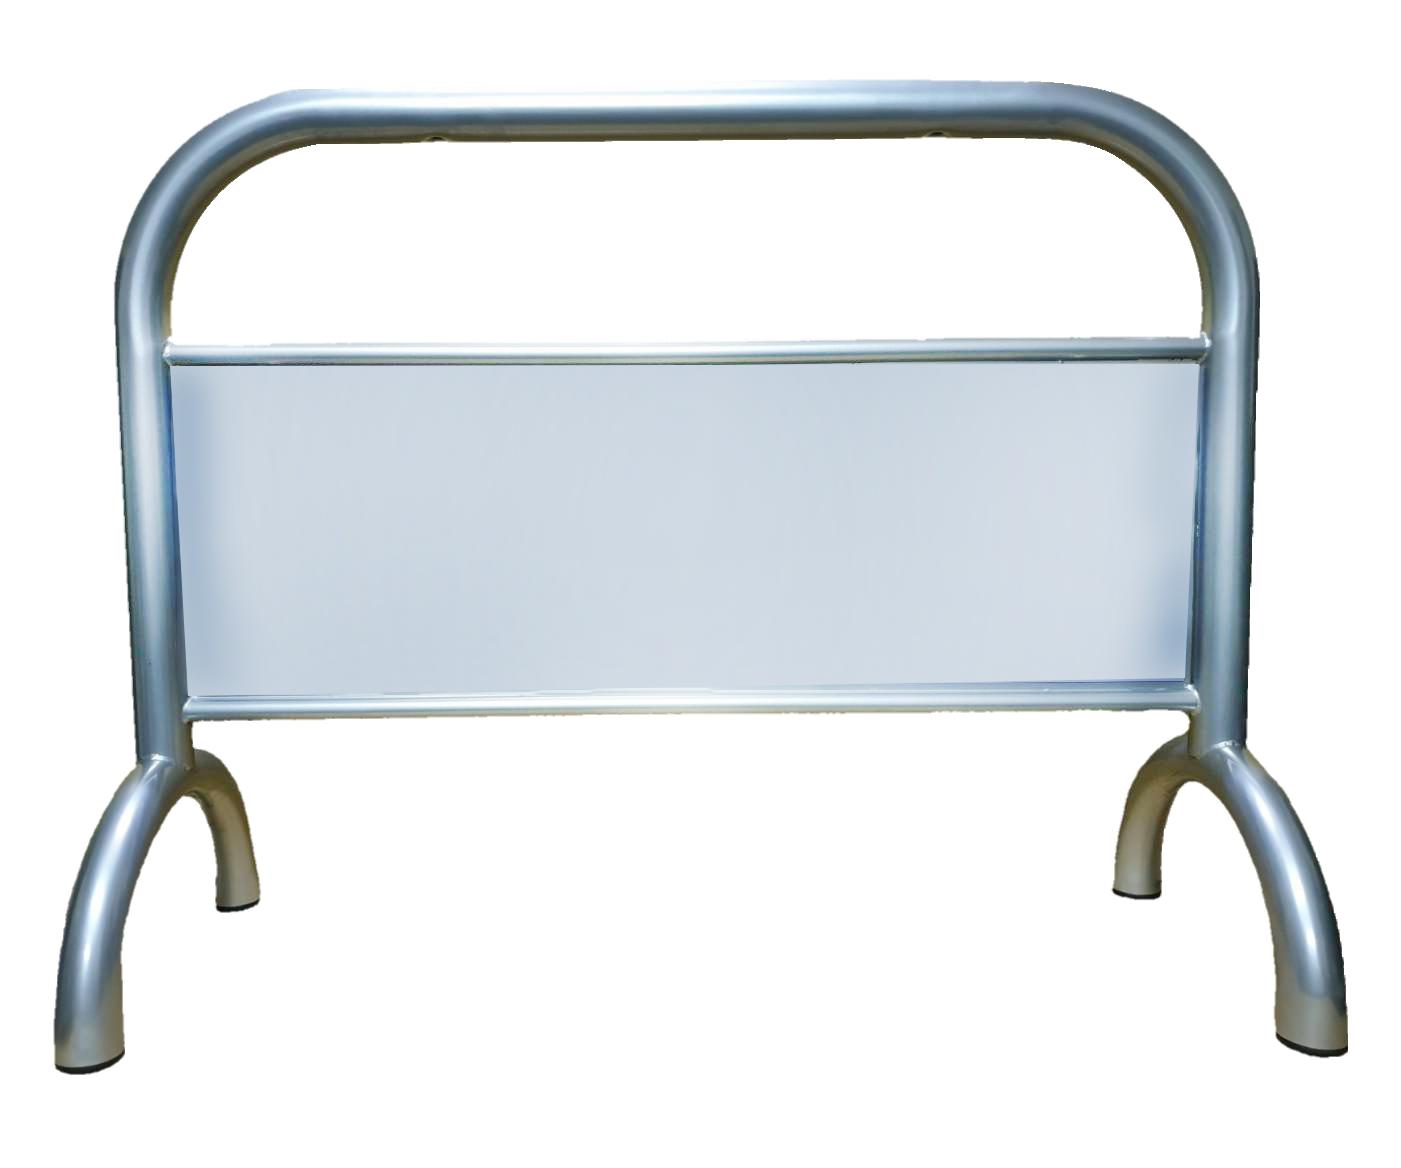 不銹鋼拒馬 TS-209SR 可印製彩圖貼紙(價格另計) 附腳墊 耐磨防地面刮傷 大型廣告看板 城市美學